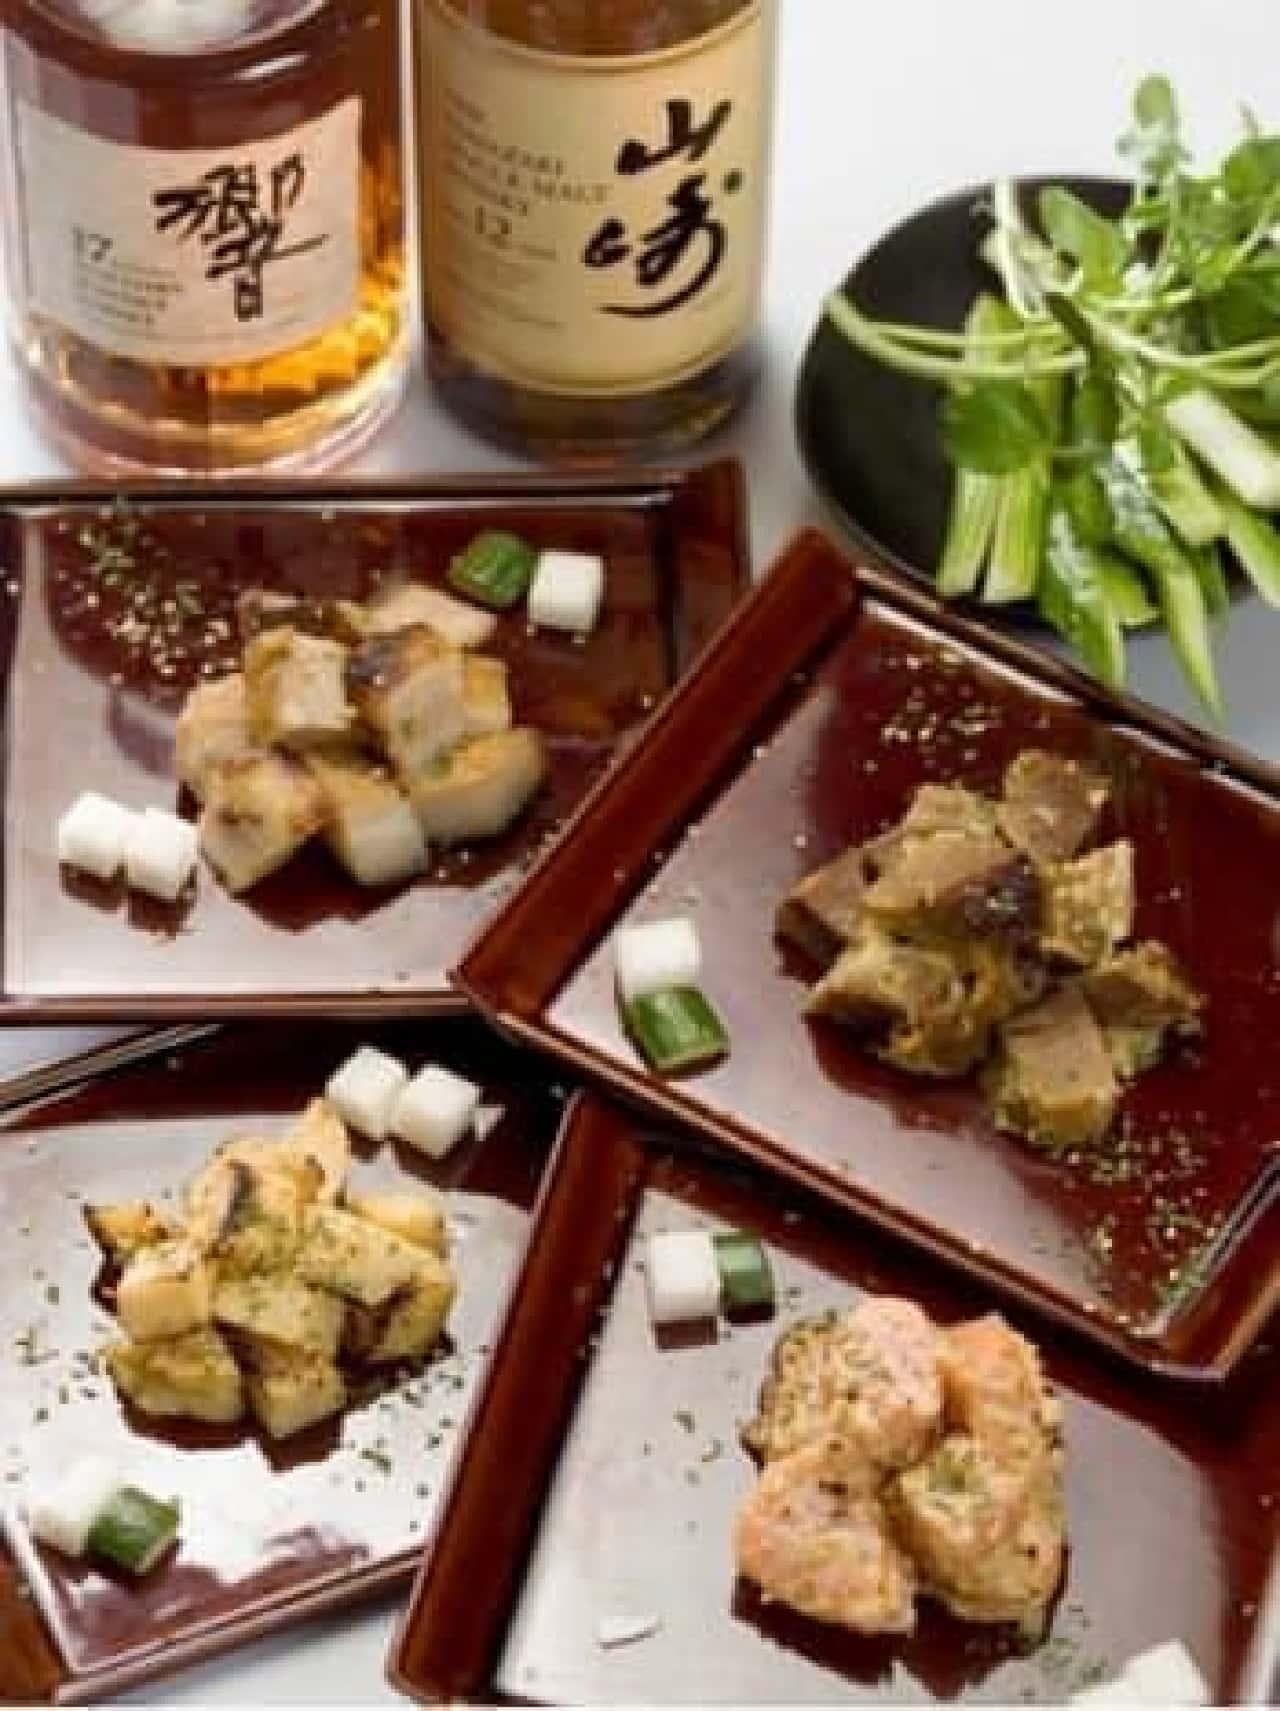 おいしいウイスキーと料理を提供  (画像はイメージ/出典:日比谷 BAR WHISKY-S)